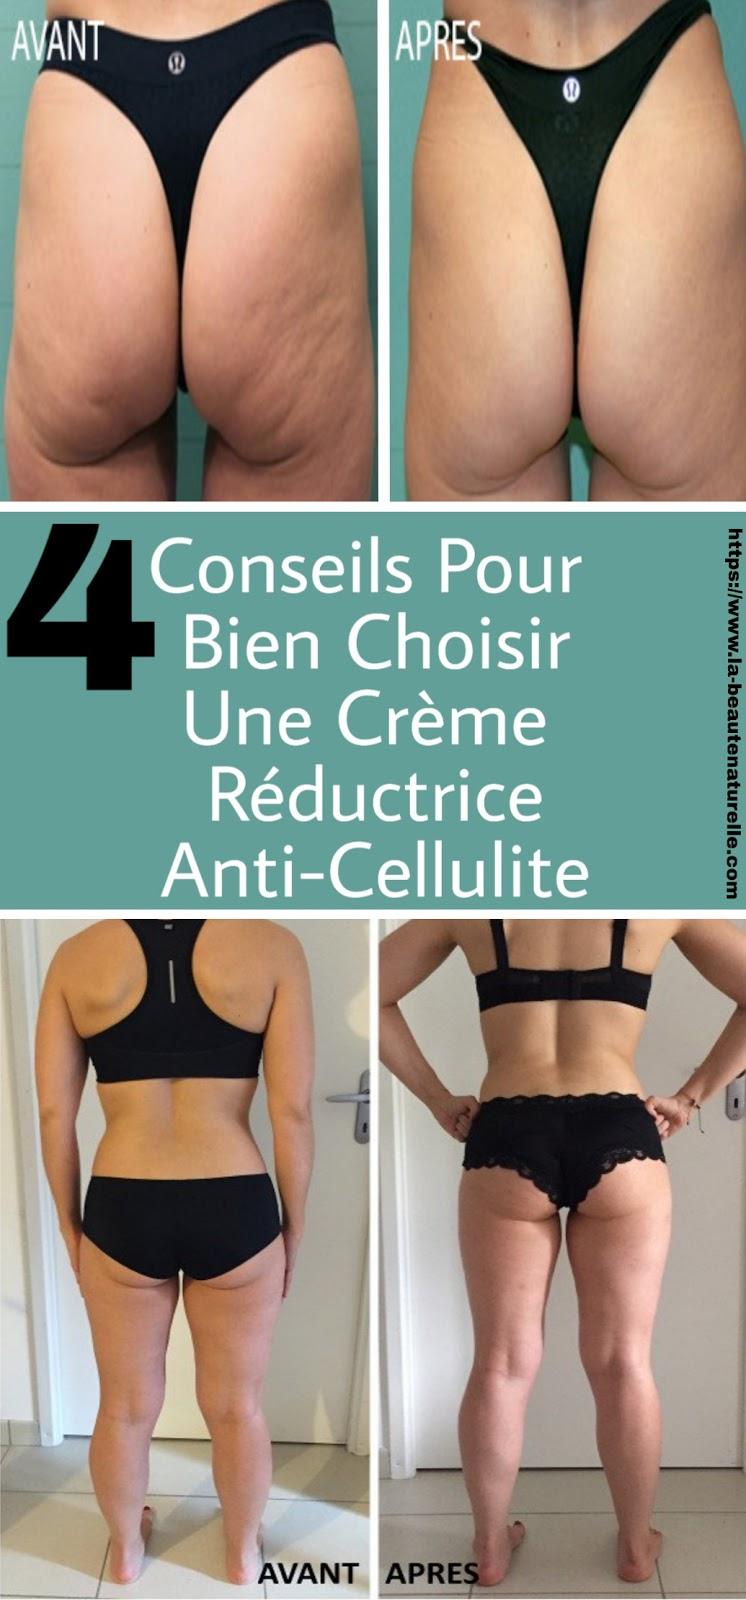 4 Conseils Pour Bien Choisir Une Crème Réductrice Anti-Cellulite